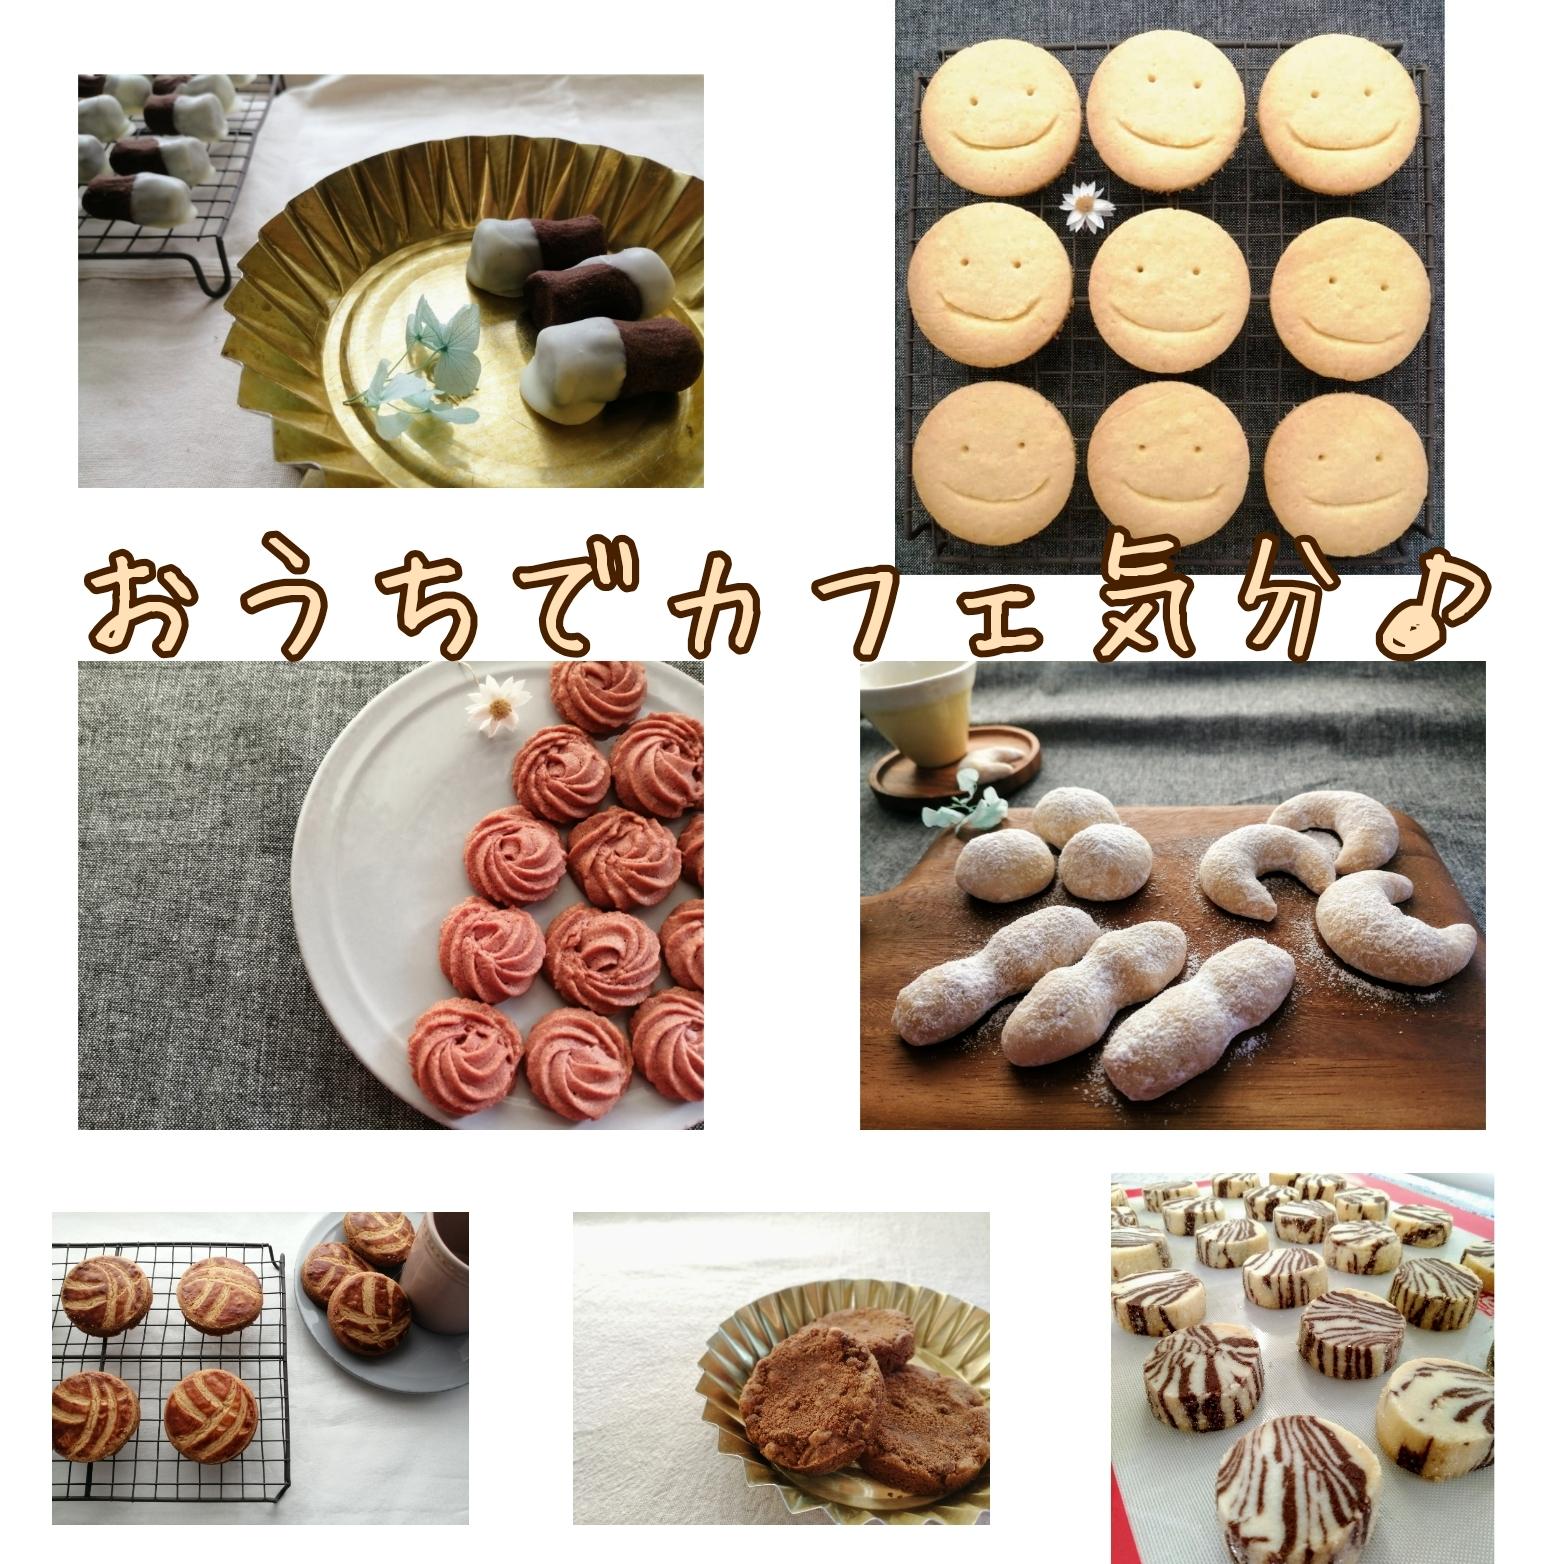 お菓子の工房あずき,春日部,お菓子,テイクアウト